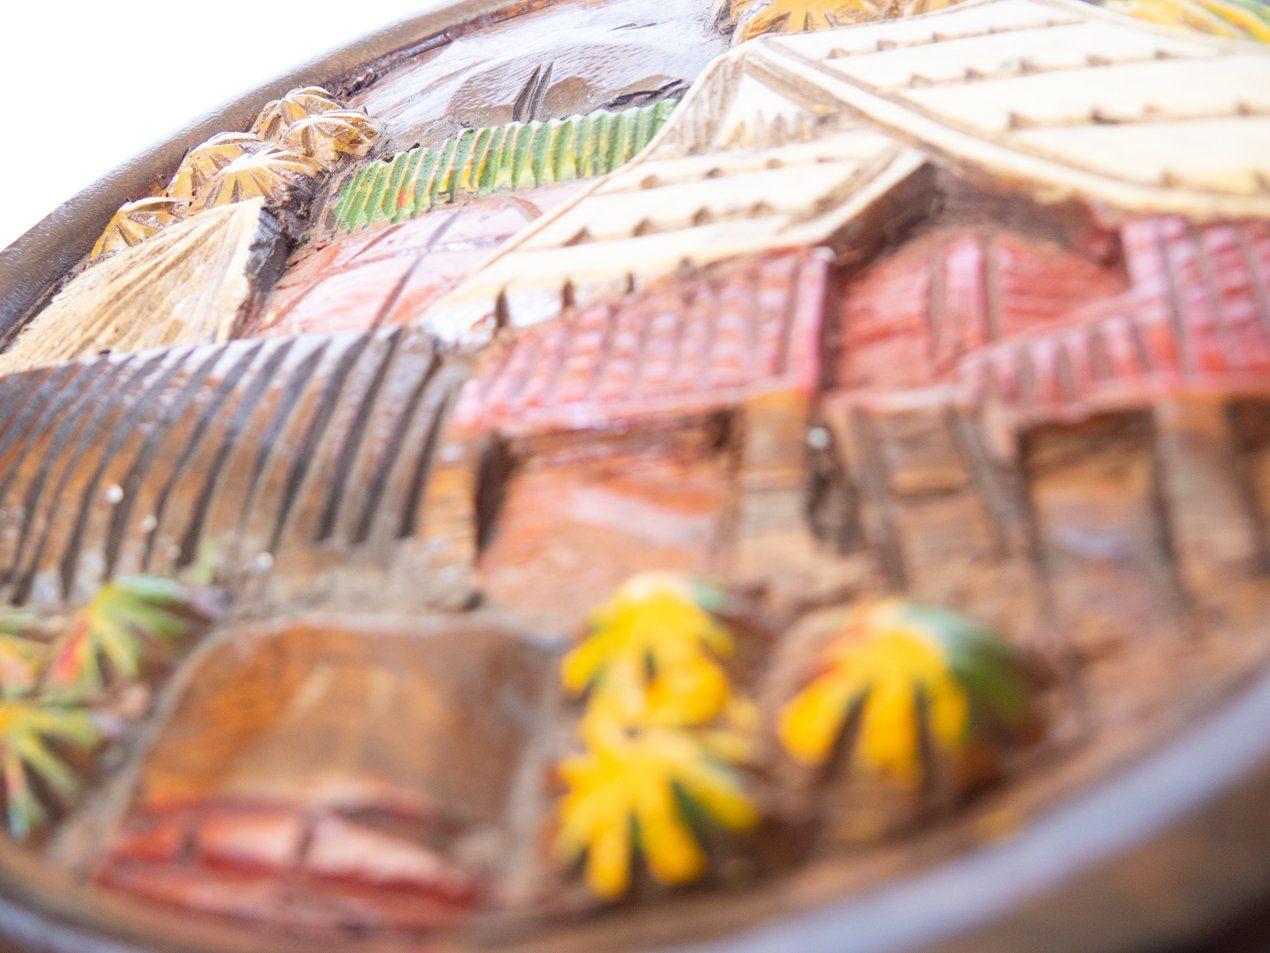 Cuadro de madera en bajo relieve aldea Cuadro de madera en bajo relieve redondo con motivo de aldea dominicana. Origen: República Dominicana. Tamaño: 25cm de diámetro.